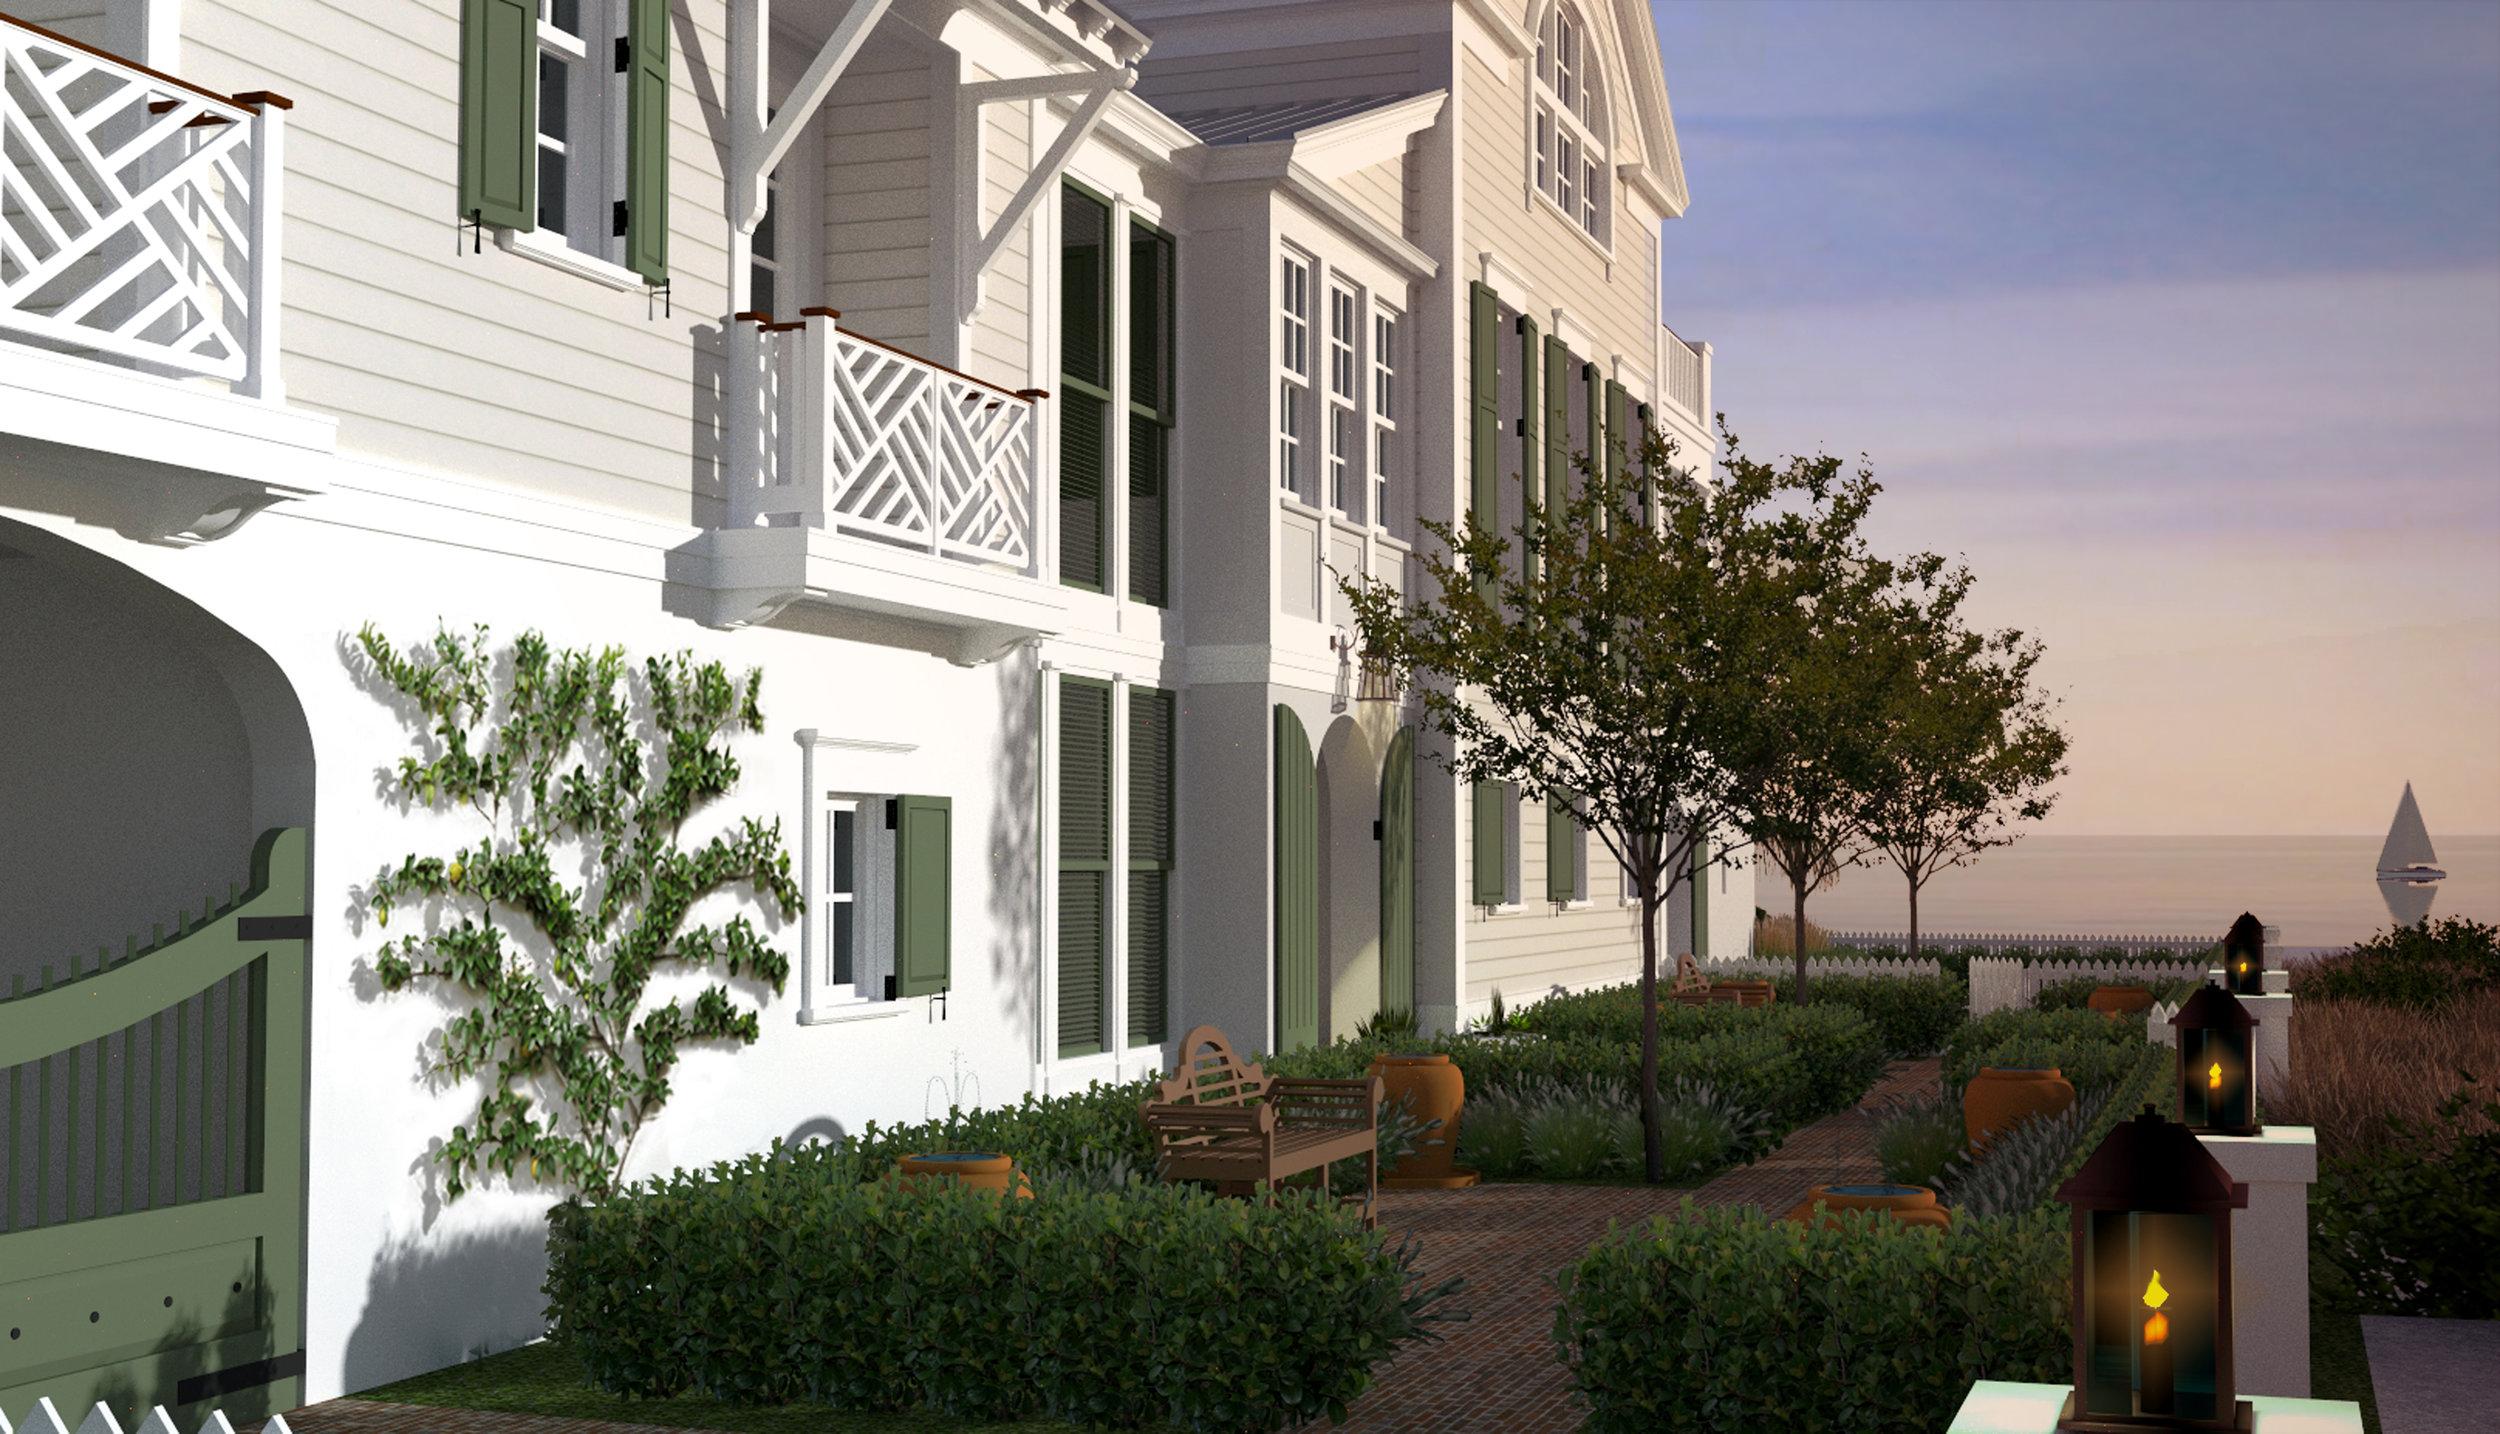 courtyard image render.jpg